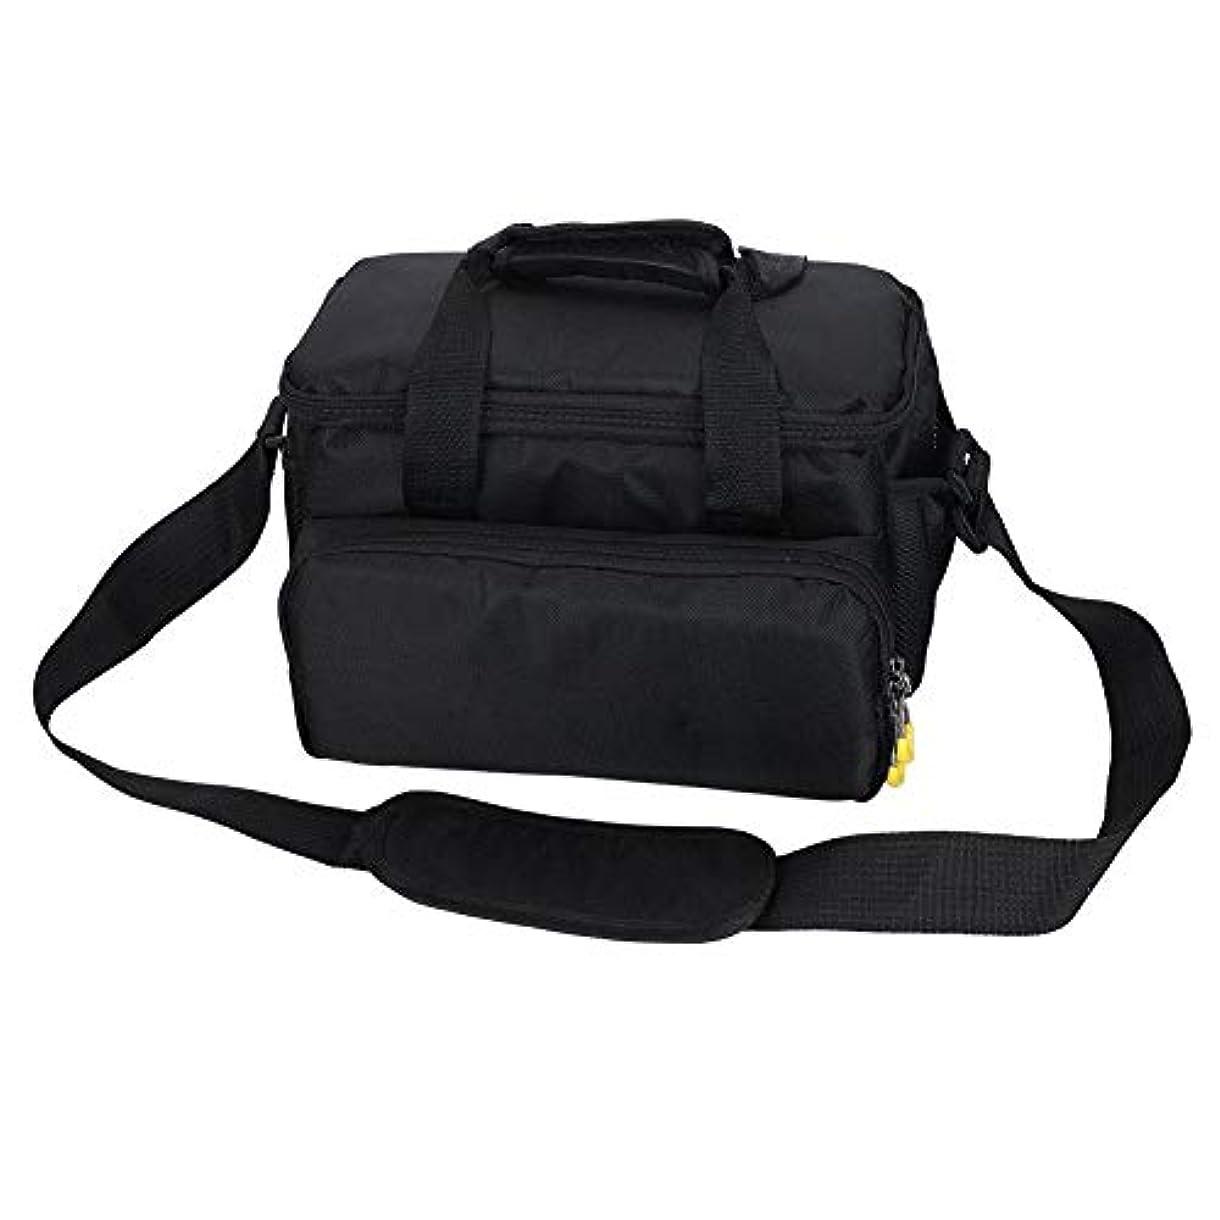 患者バンドベックス釣りバッグ フィッシングバッグ 大容量 小物入れ 多機能 通気性 防水性 調整可能なパッド 収納バッグ